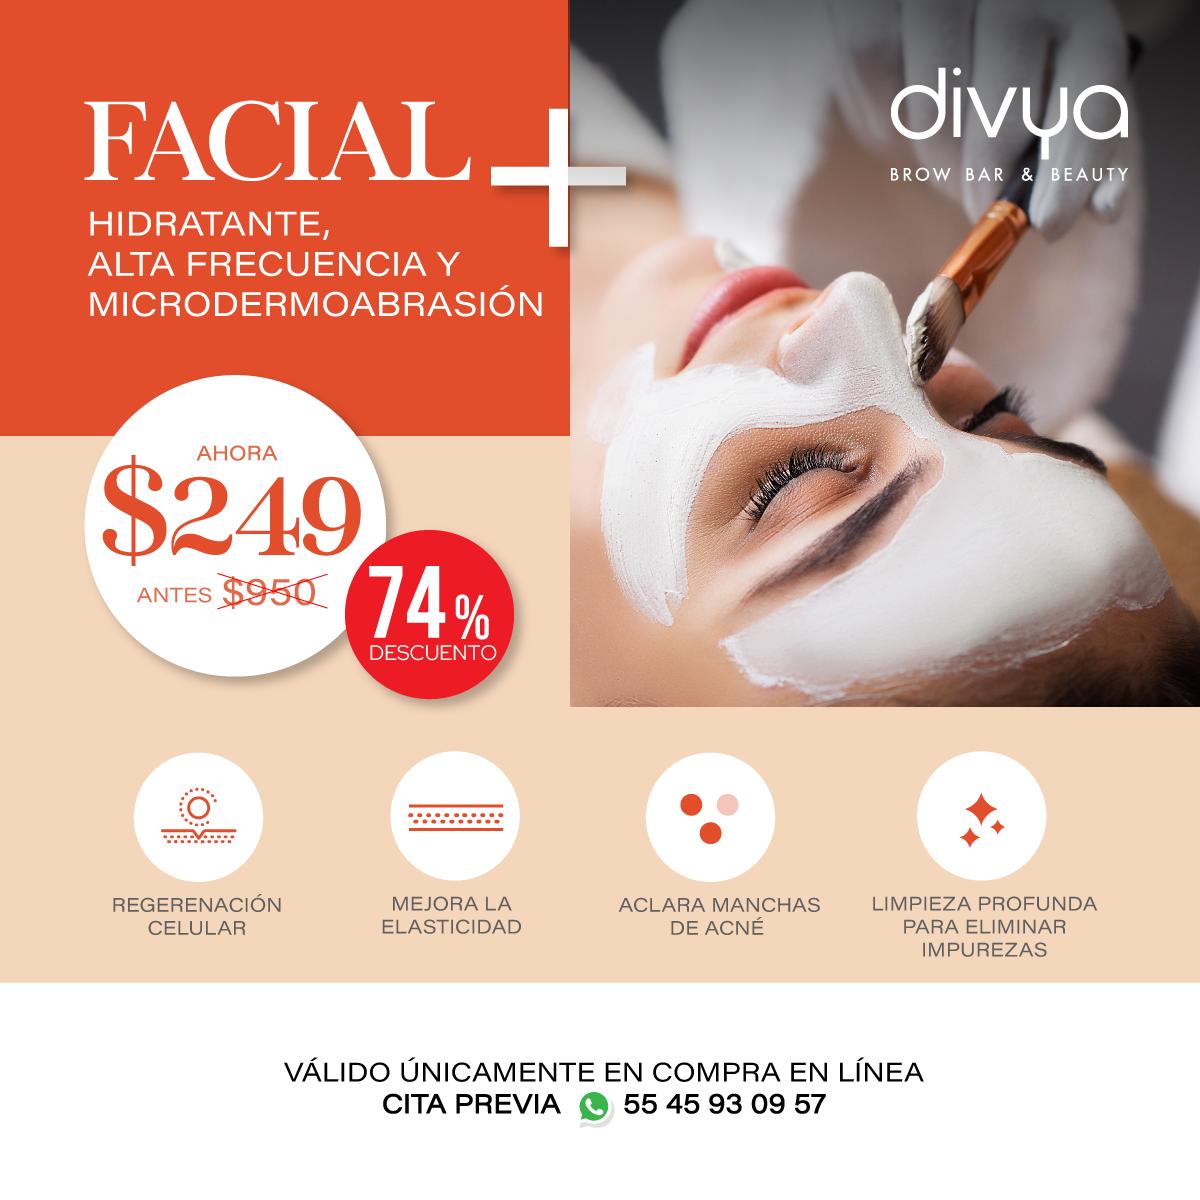 Facial + Microdermobrasión y Alta Frecuencia- SÓLO GALERÍAS QUERÉTARO&w=900&h=900&fit=crop